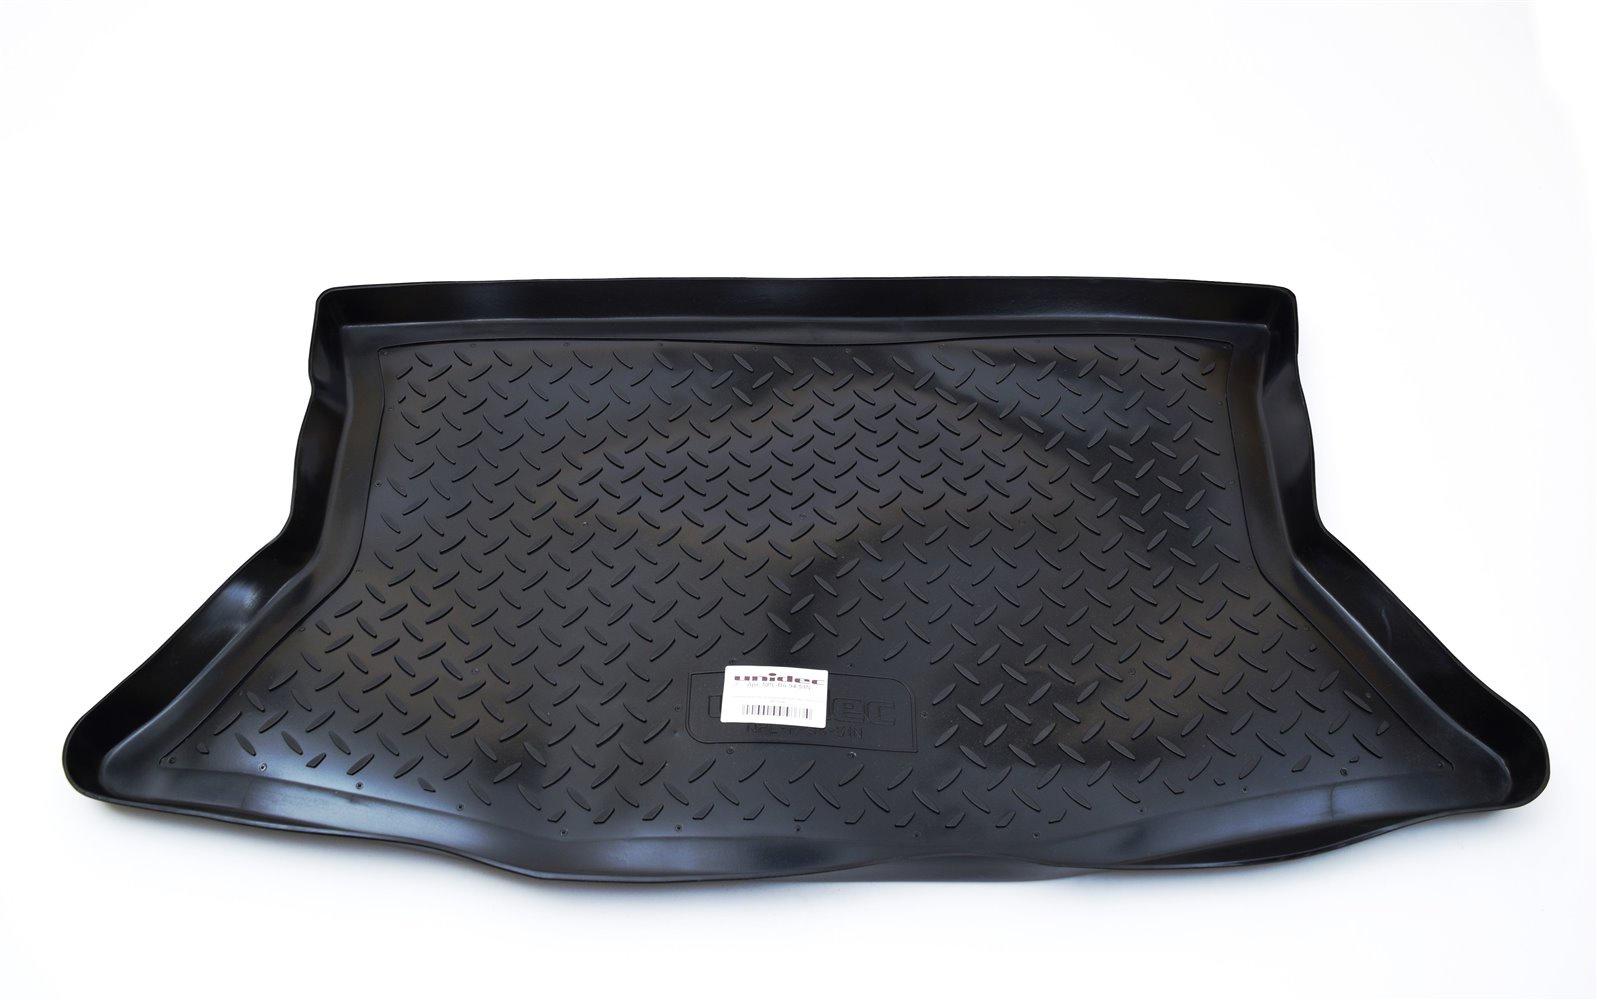 Коврики в салон автомобиля Avtodriver литьевые для Skoda Octavia (A7) (2013), Np11-Ldc-81-400, черный gm ldc 300o